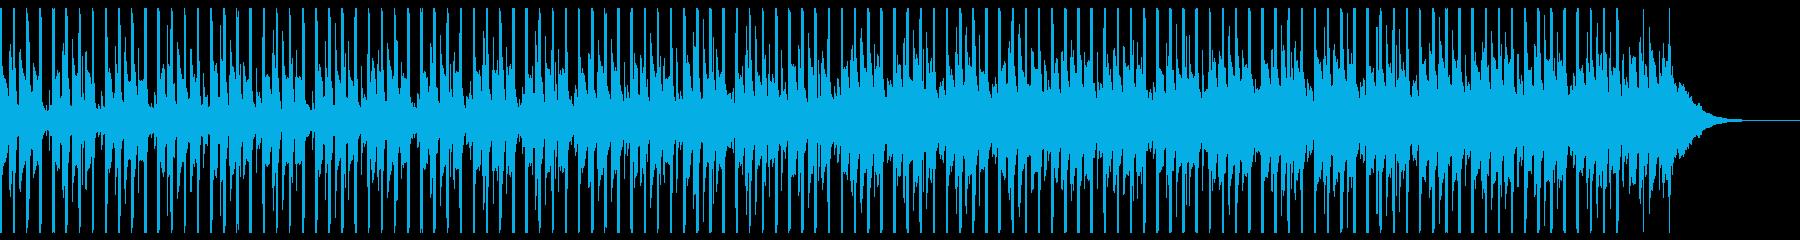 情報技術(60秒)の再生済みの波形